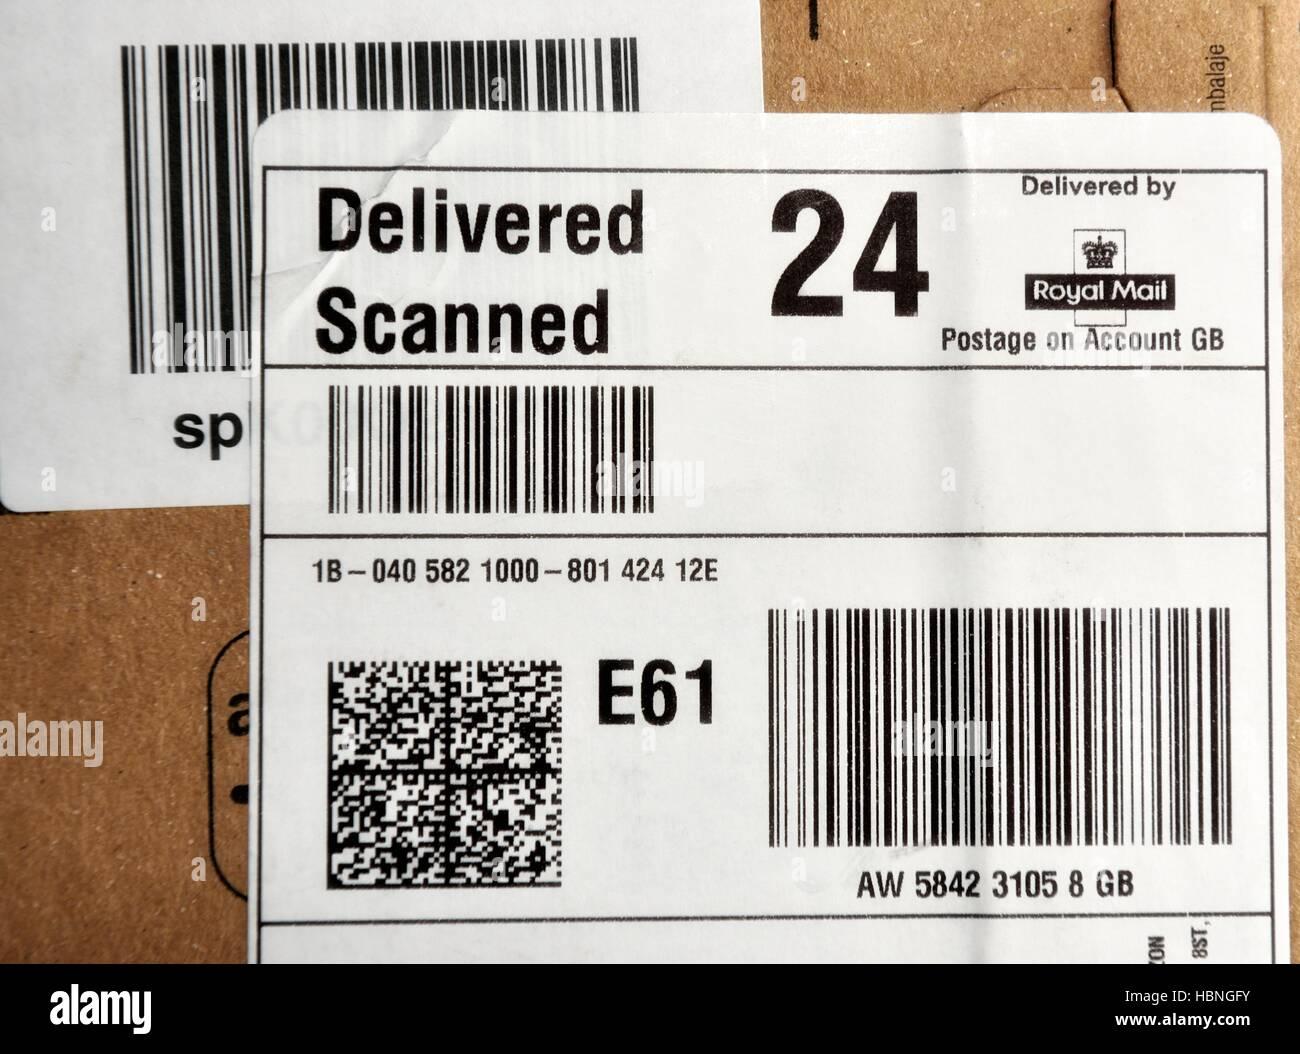 A Royal Mail delivered scanned parcel label - Stock Image